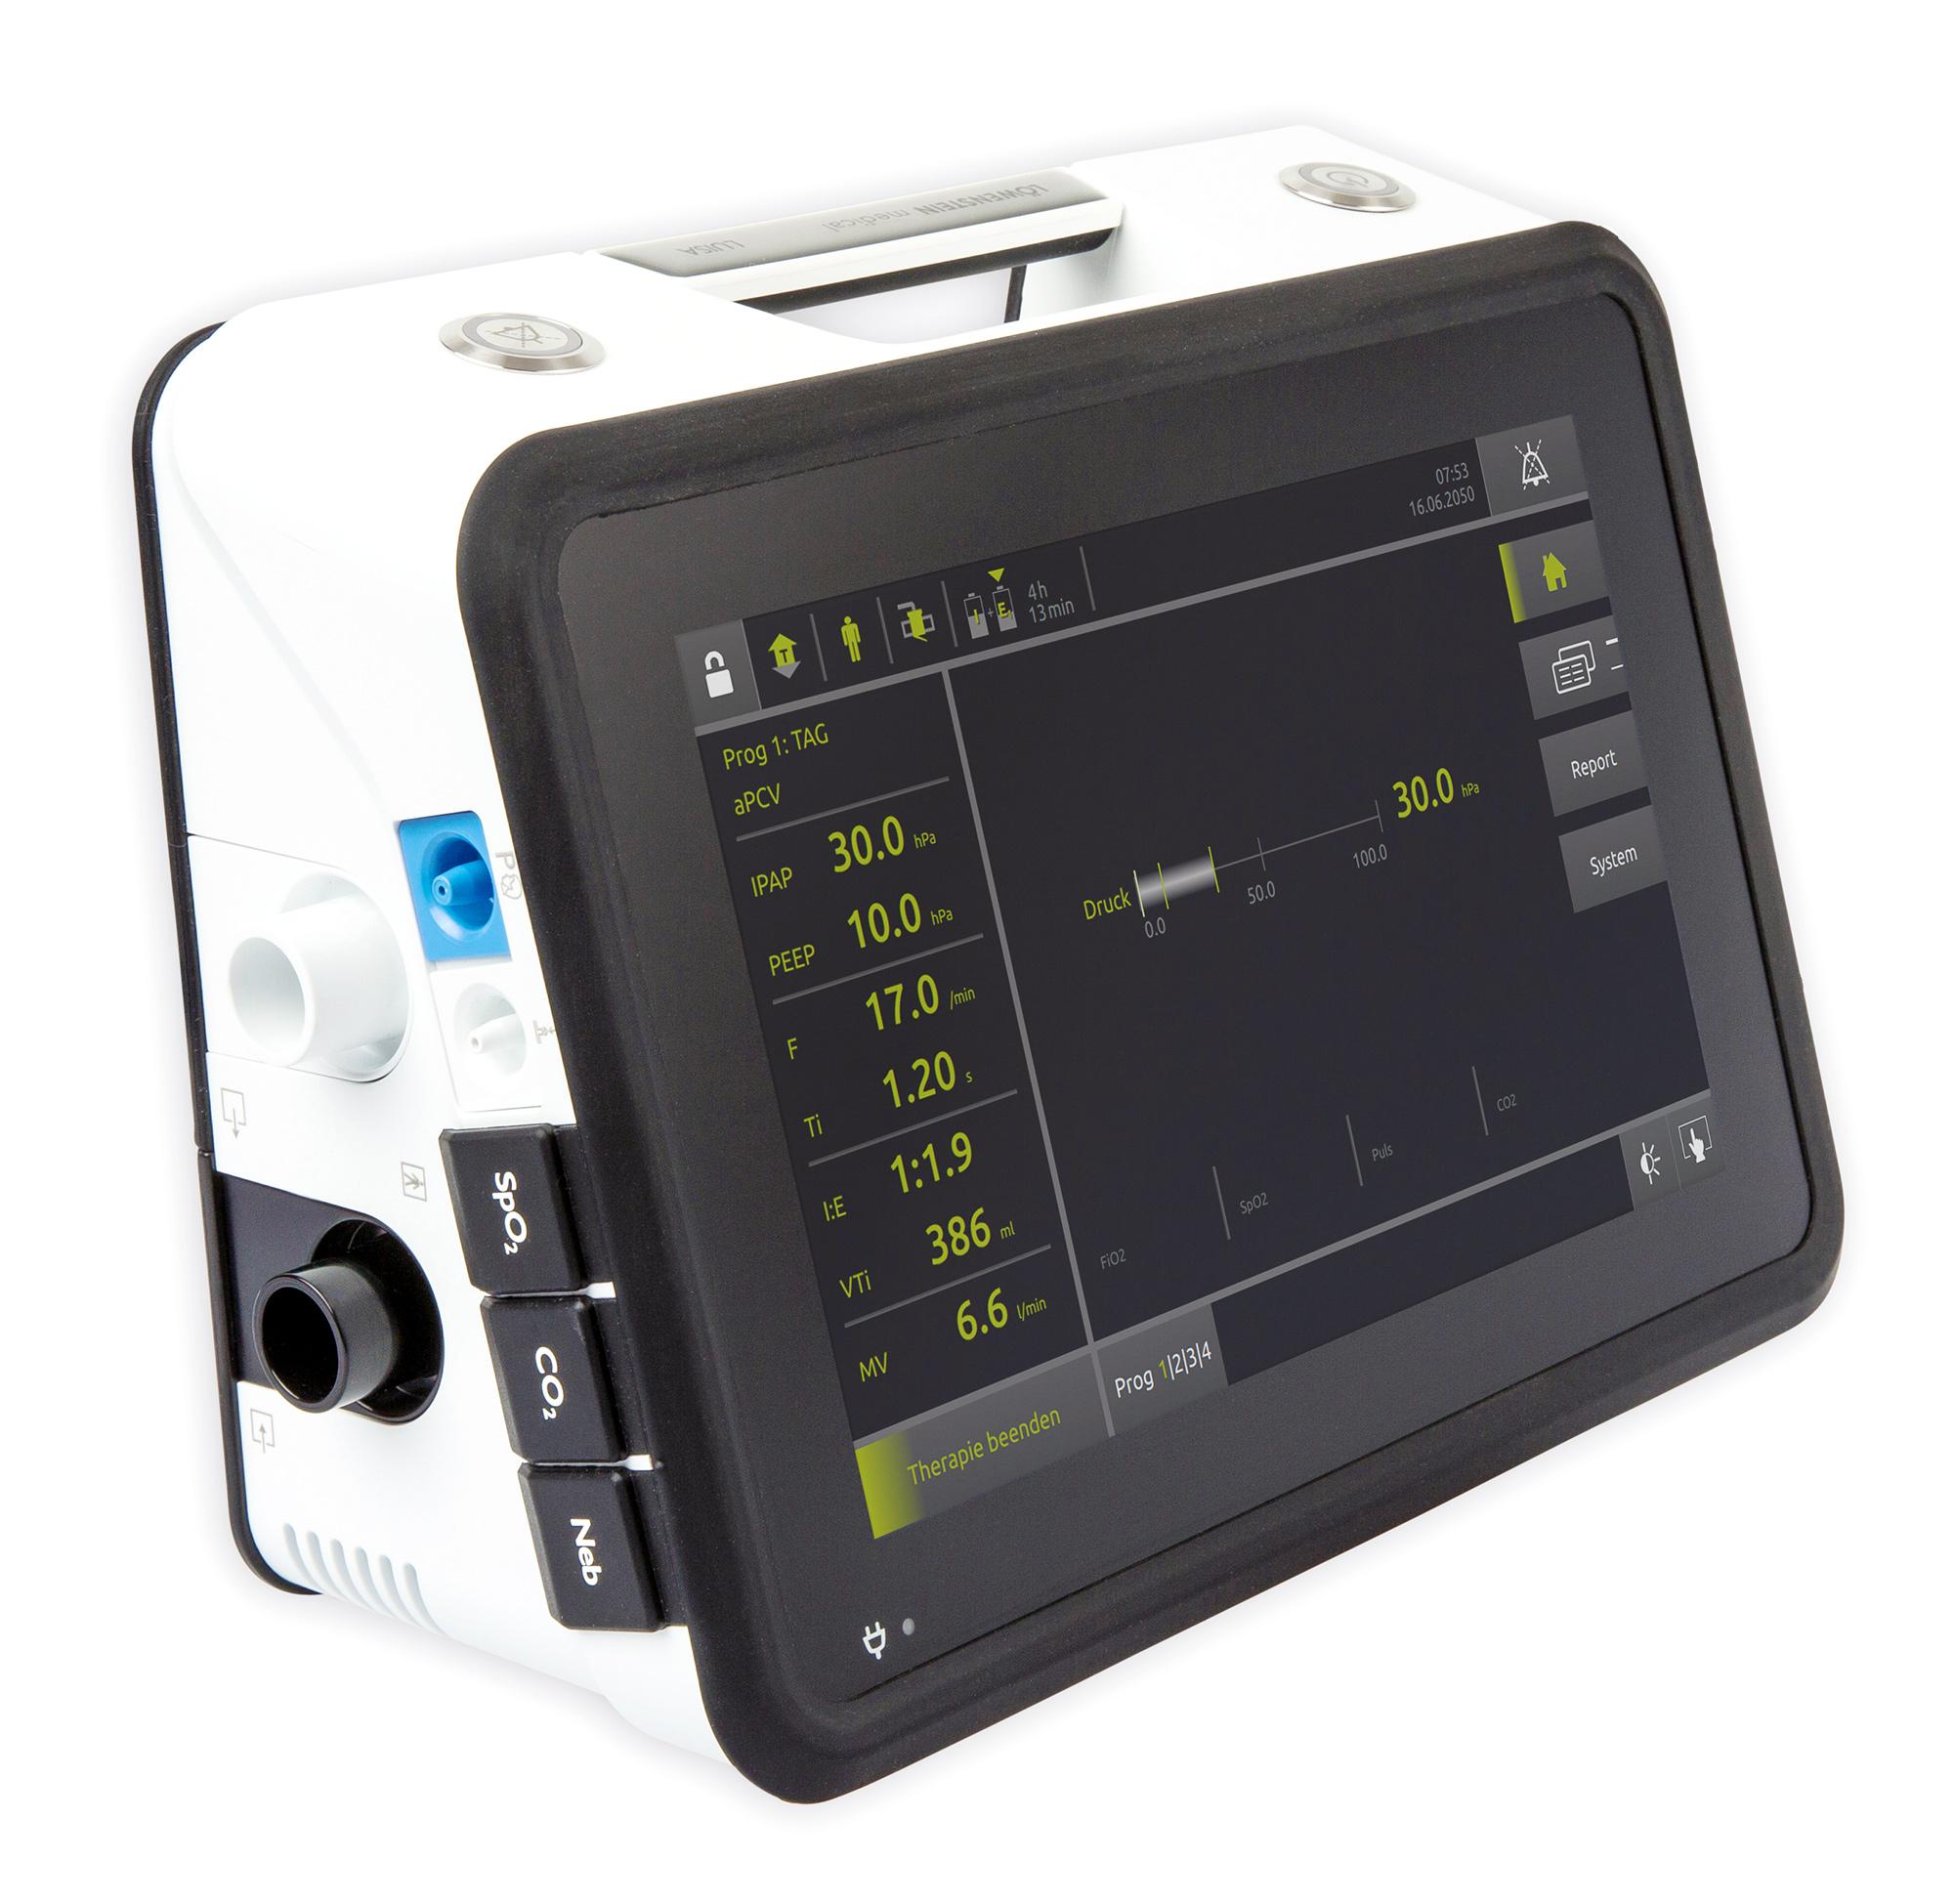 LUISA – новый высокоэффективный аппарат искусственной вентиляции легких компании Löwenstein Medical – обеспечивает теперь именно это для пациентов с ИВЛ-терапией. Аппарат ИВЛ LUISA отличается особо высокой мобильностью, компактностью и легкостью.